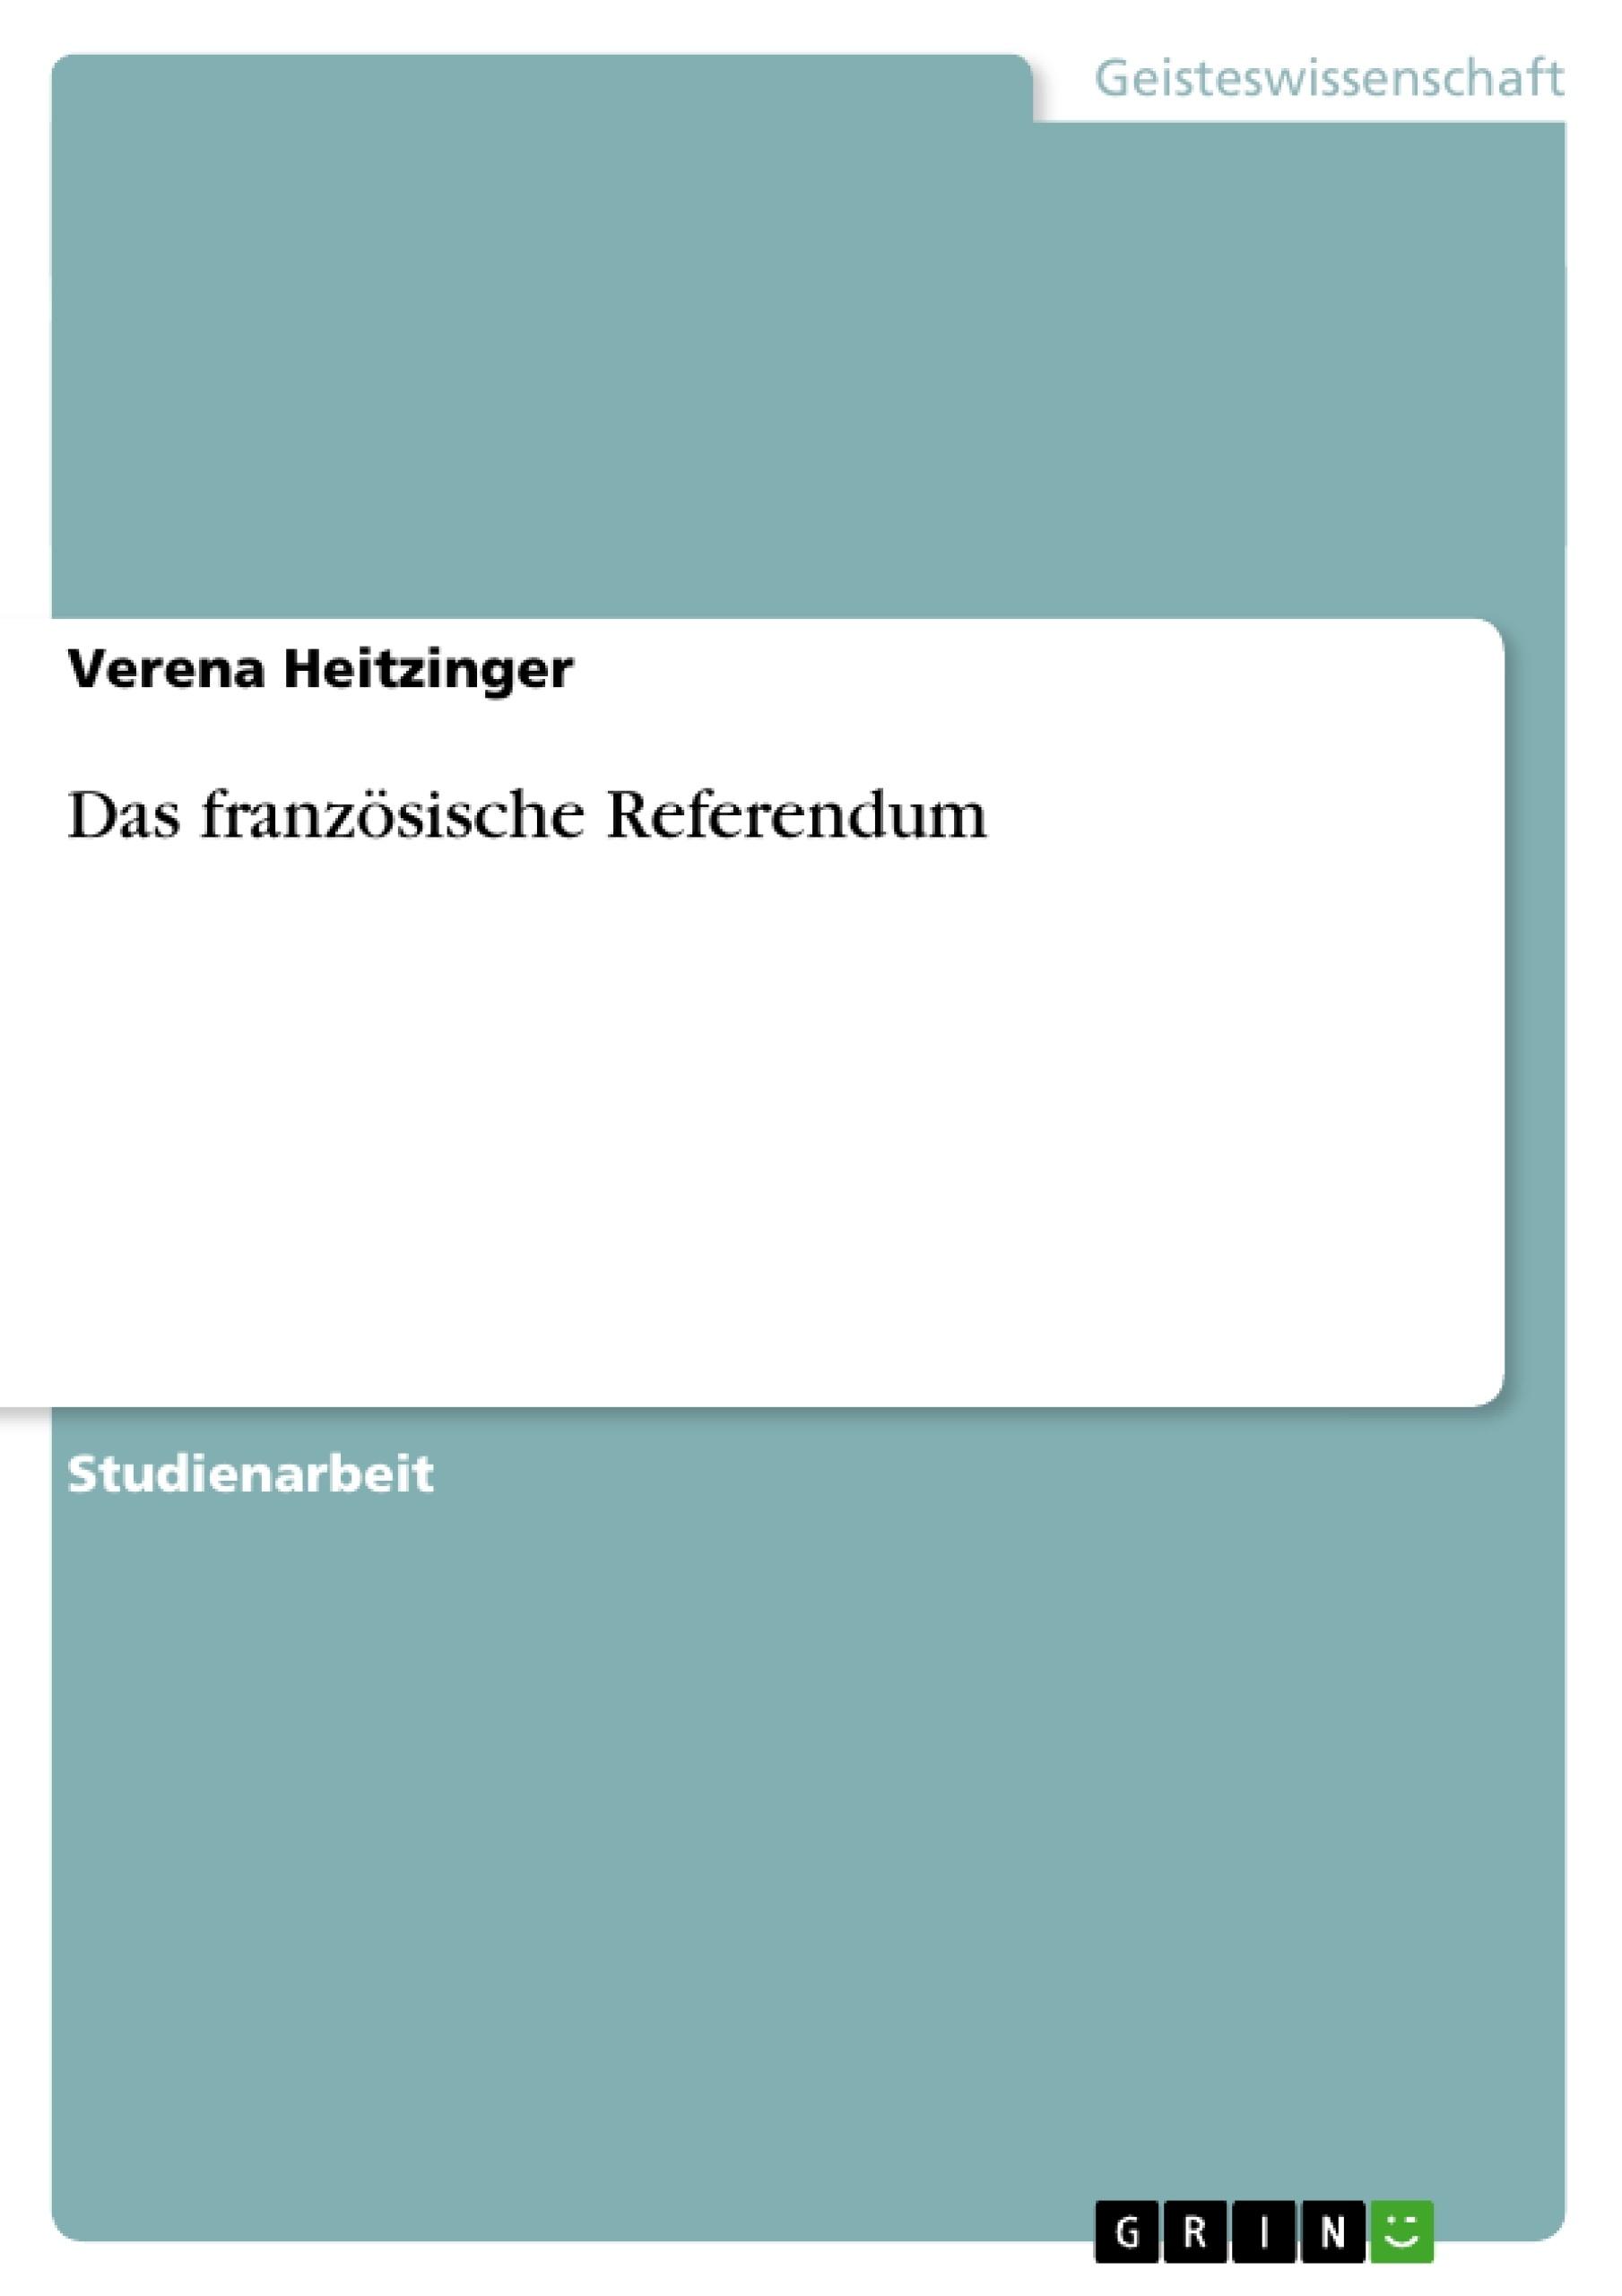 Titel: Das französische Referendum